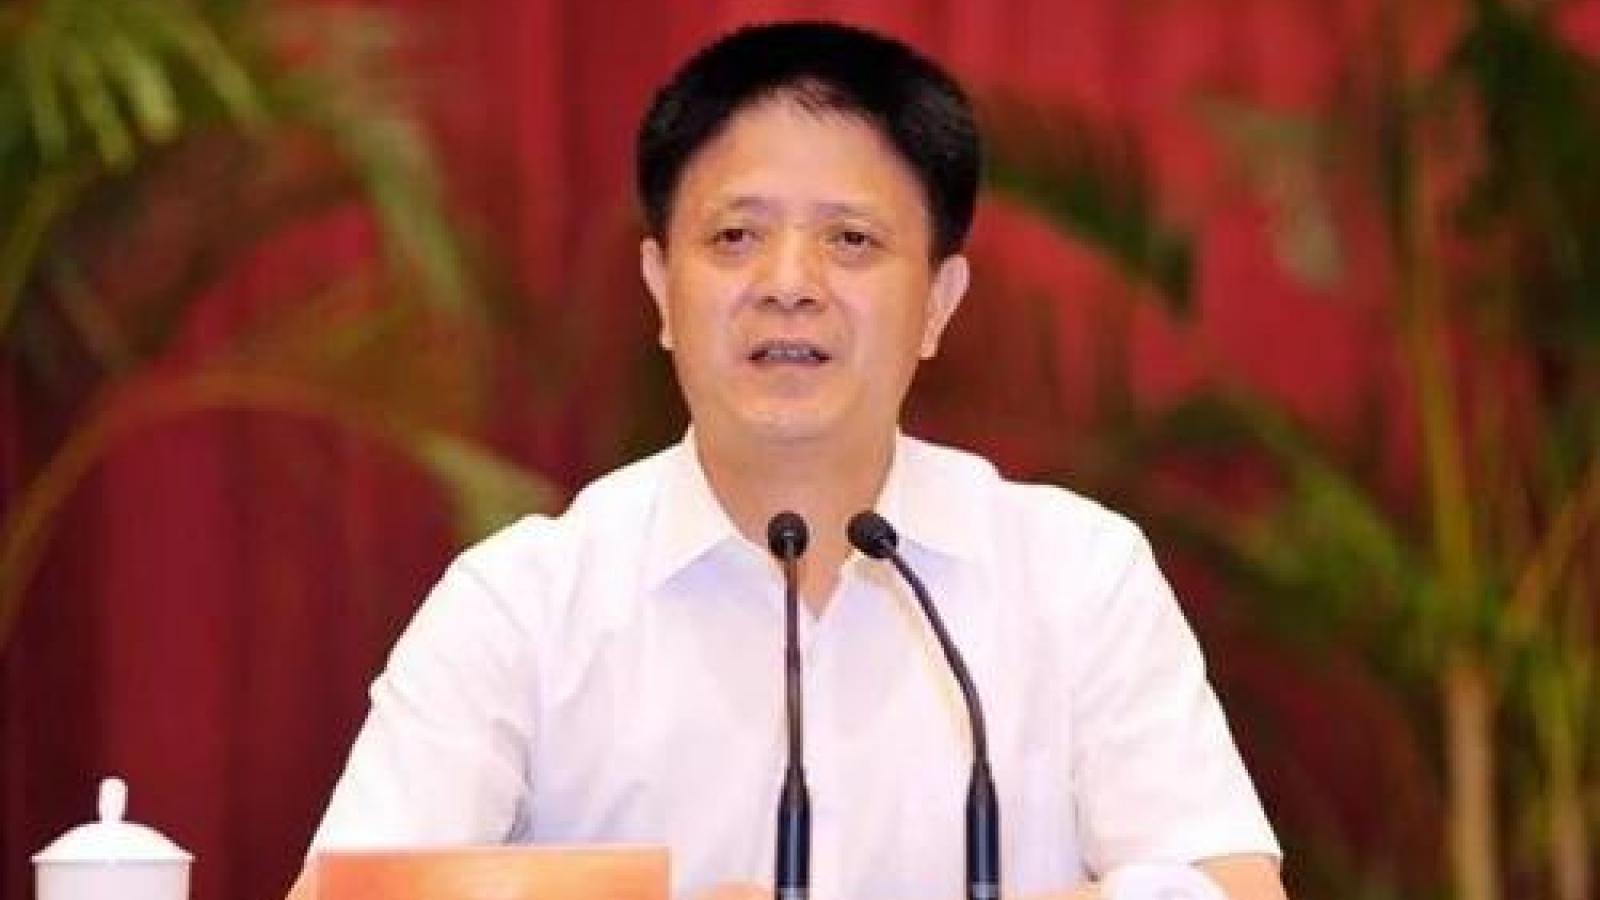 Trung Quốc: Nguyên Phó tỉnh trưởng Phúc Kiến bị khai trừ đảng và cách chức